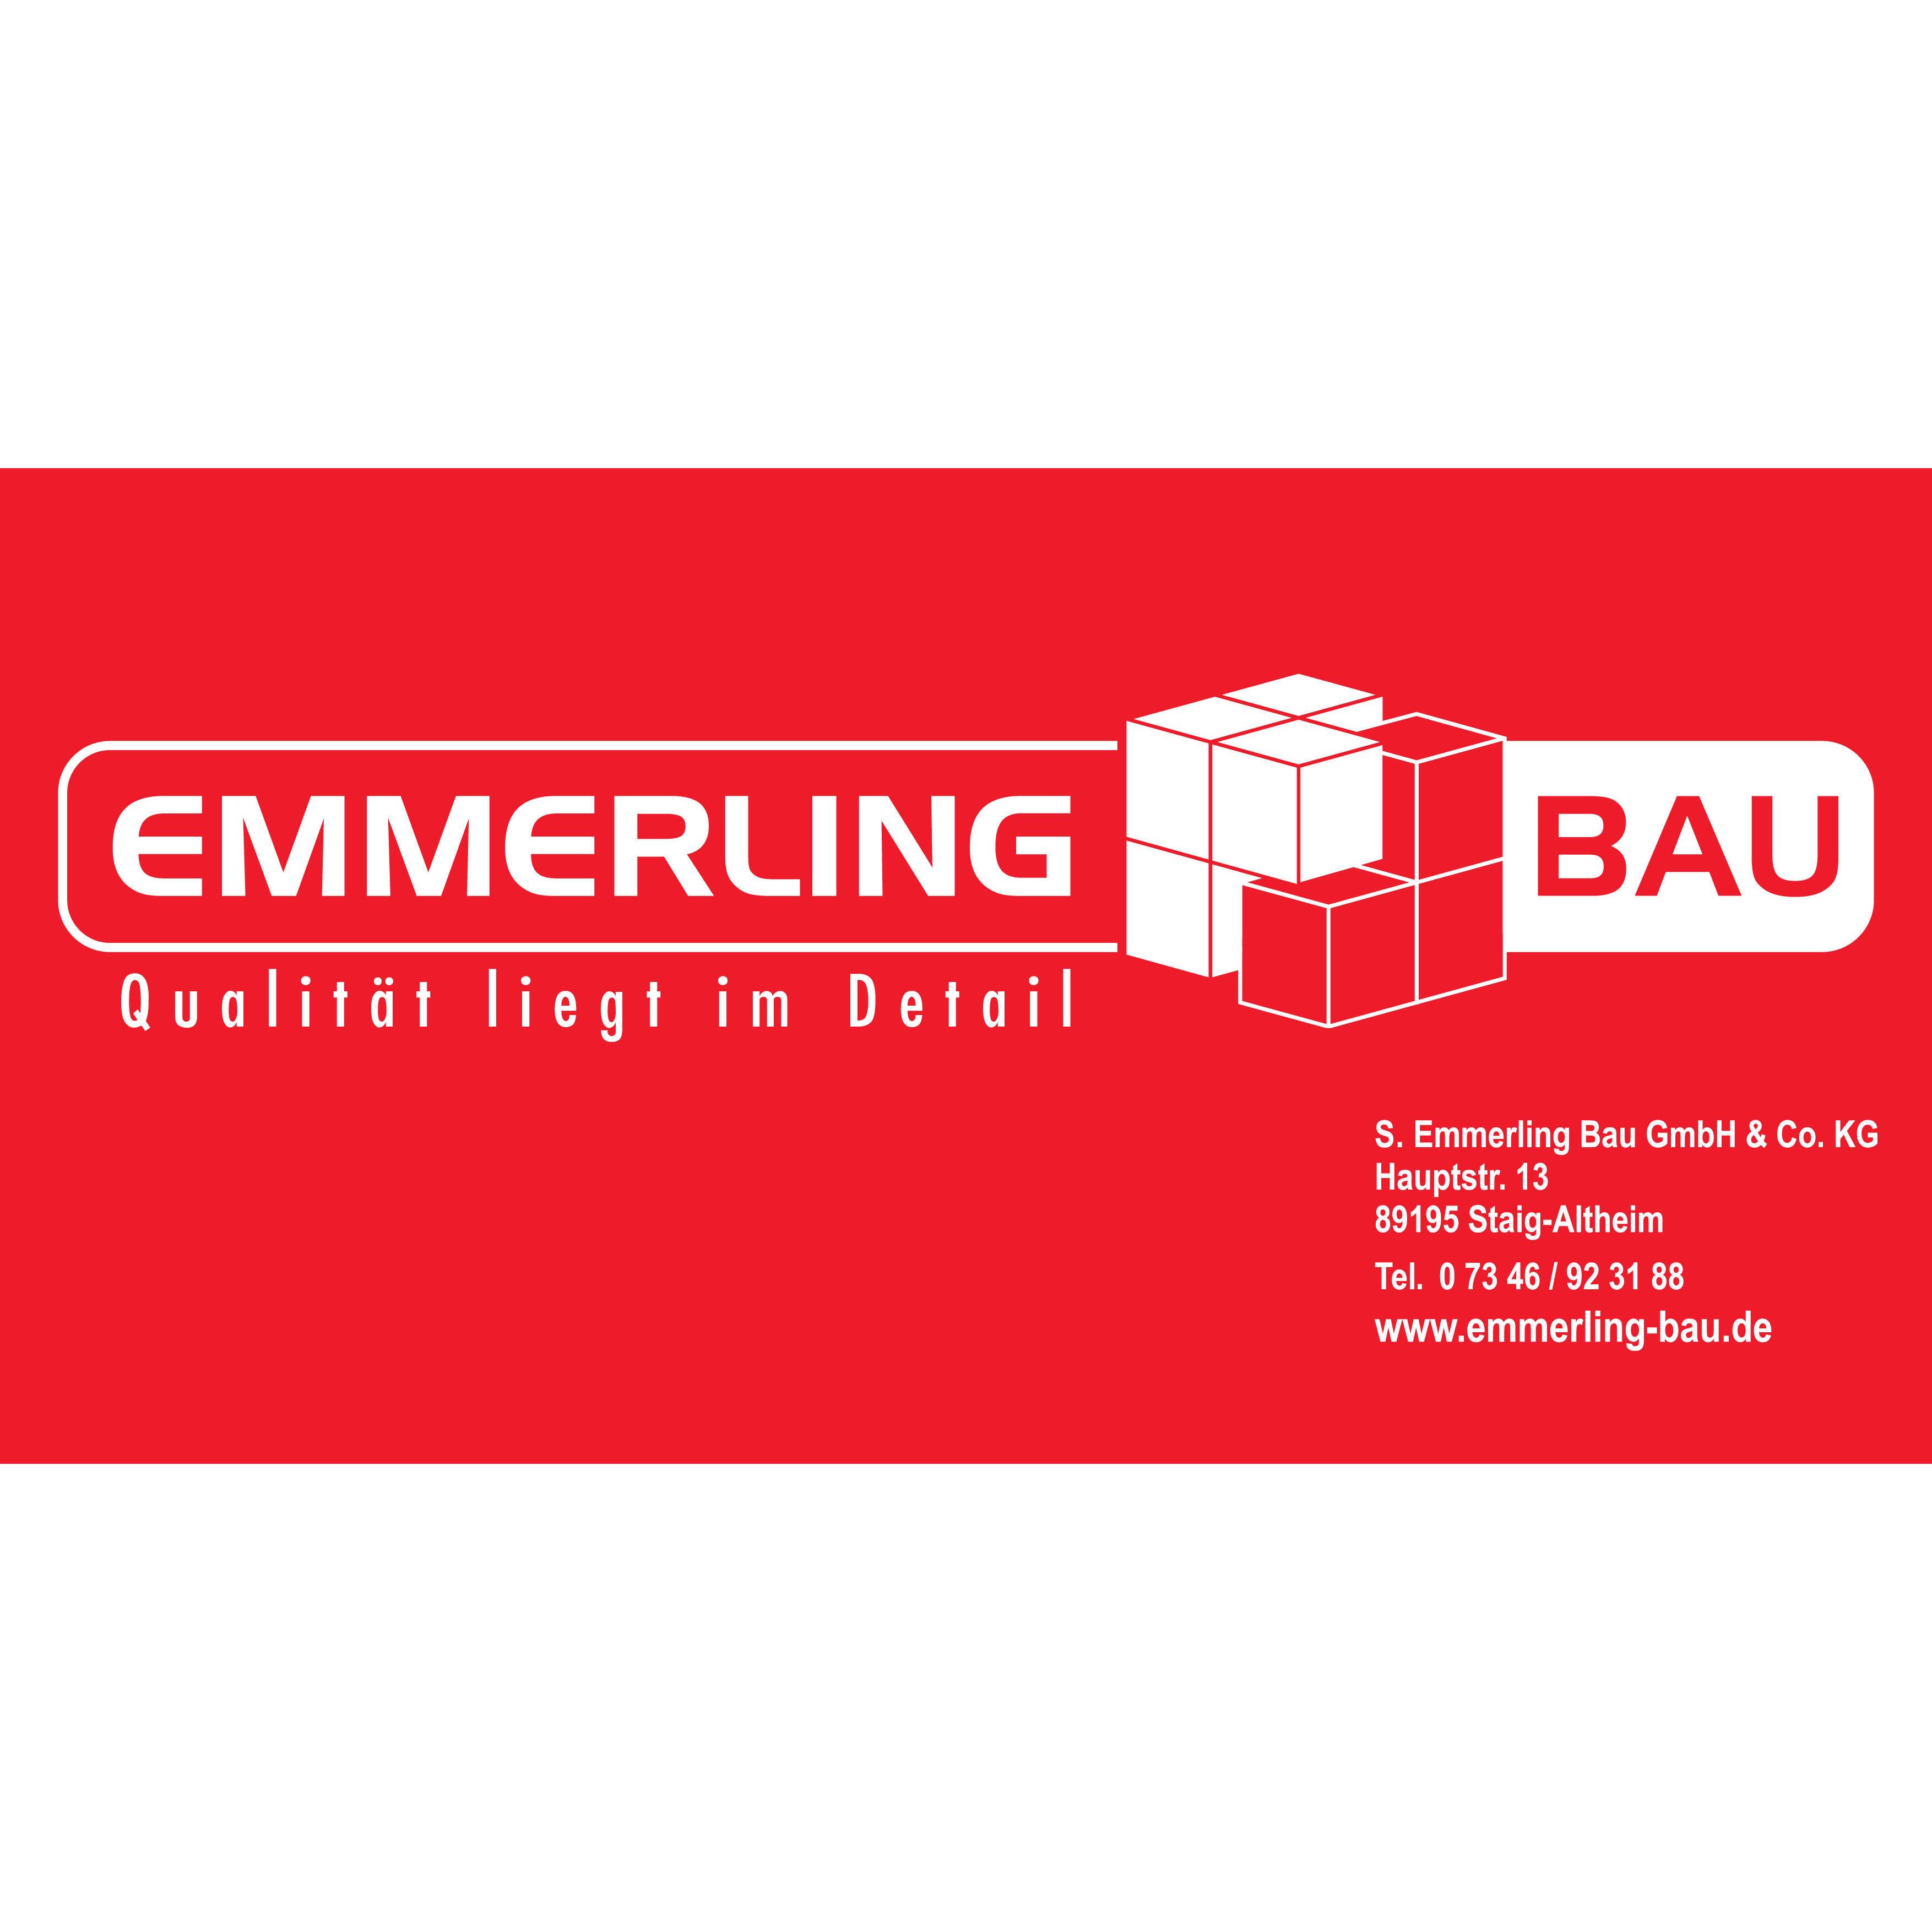 Logo von Emmerling S. Bau GmbH & Co. KG